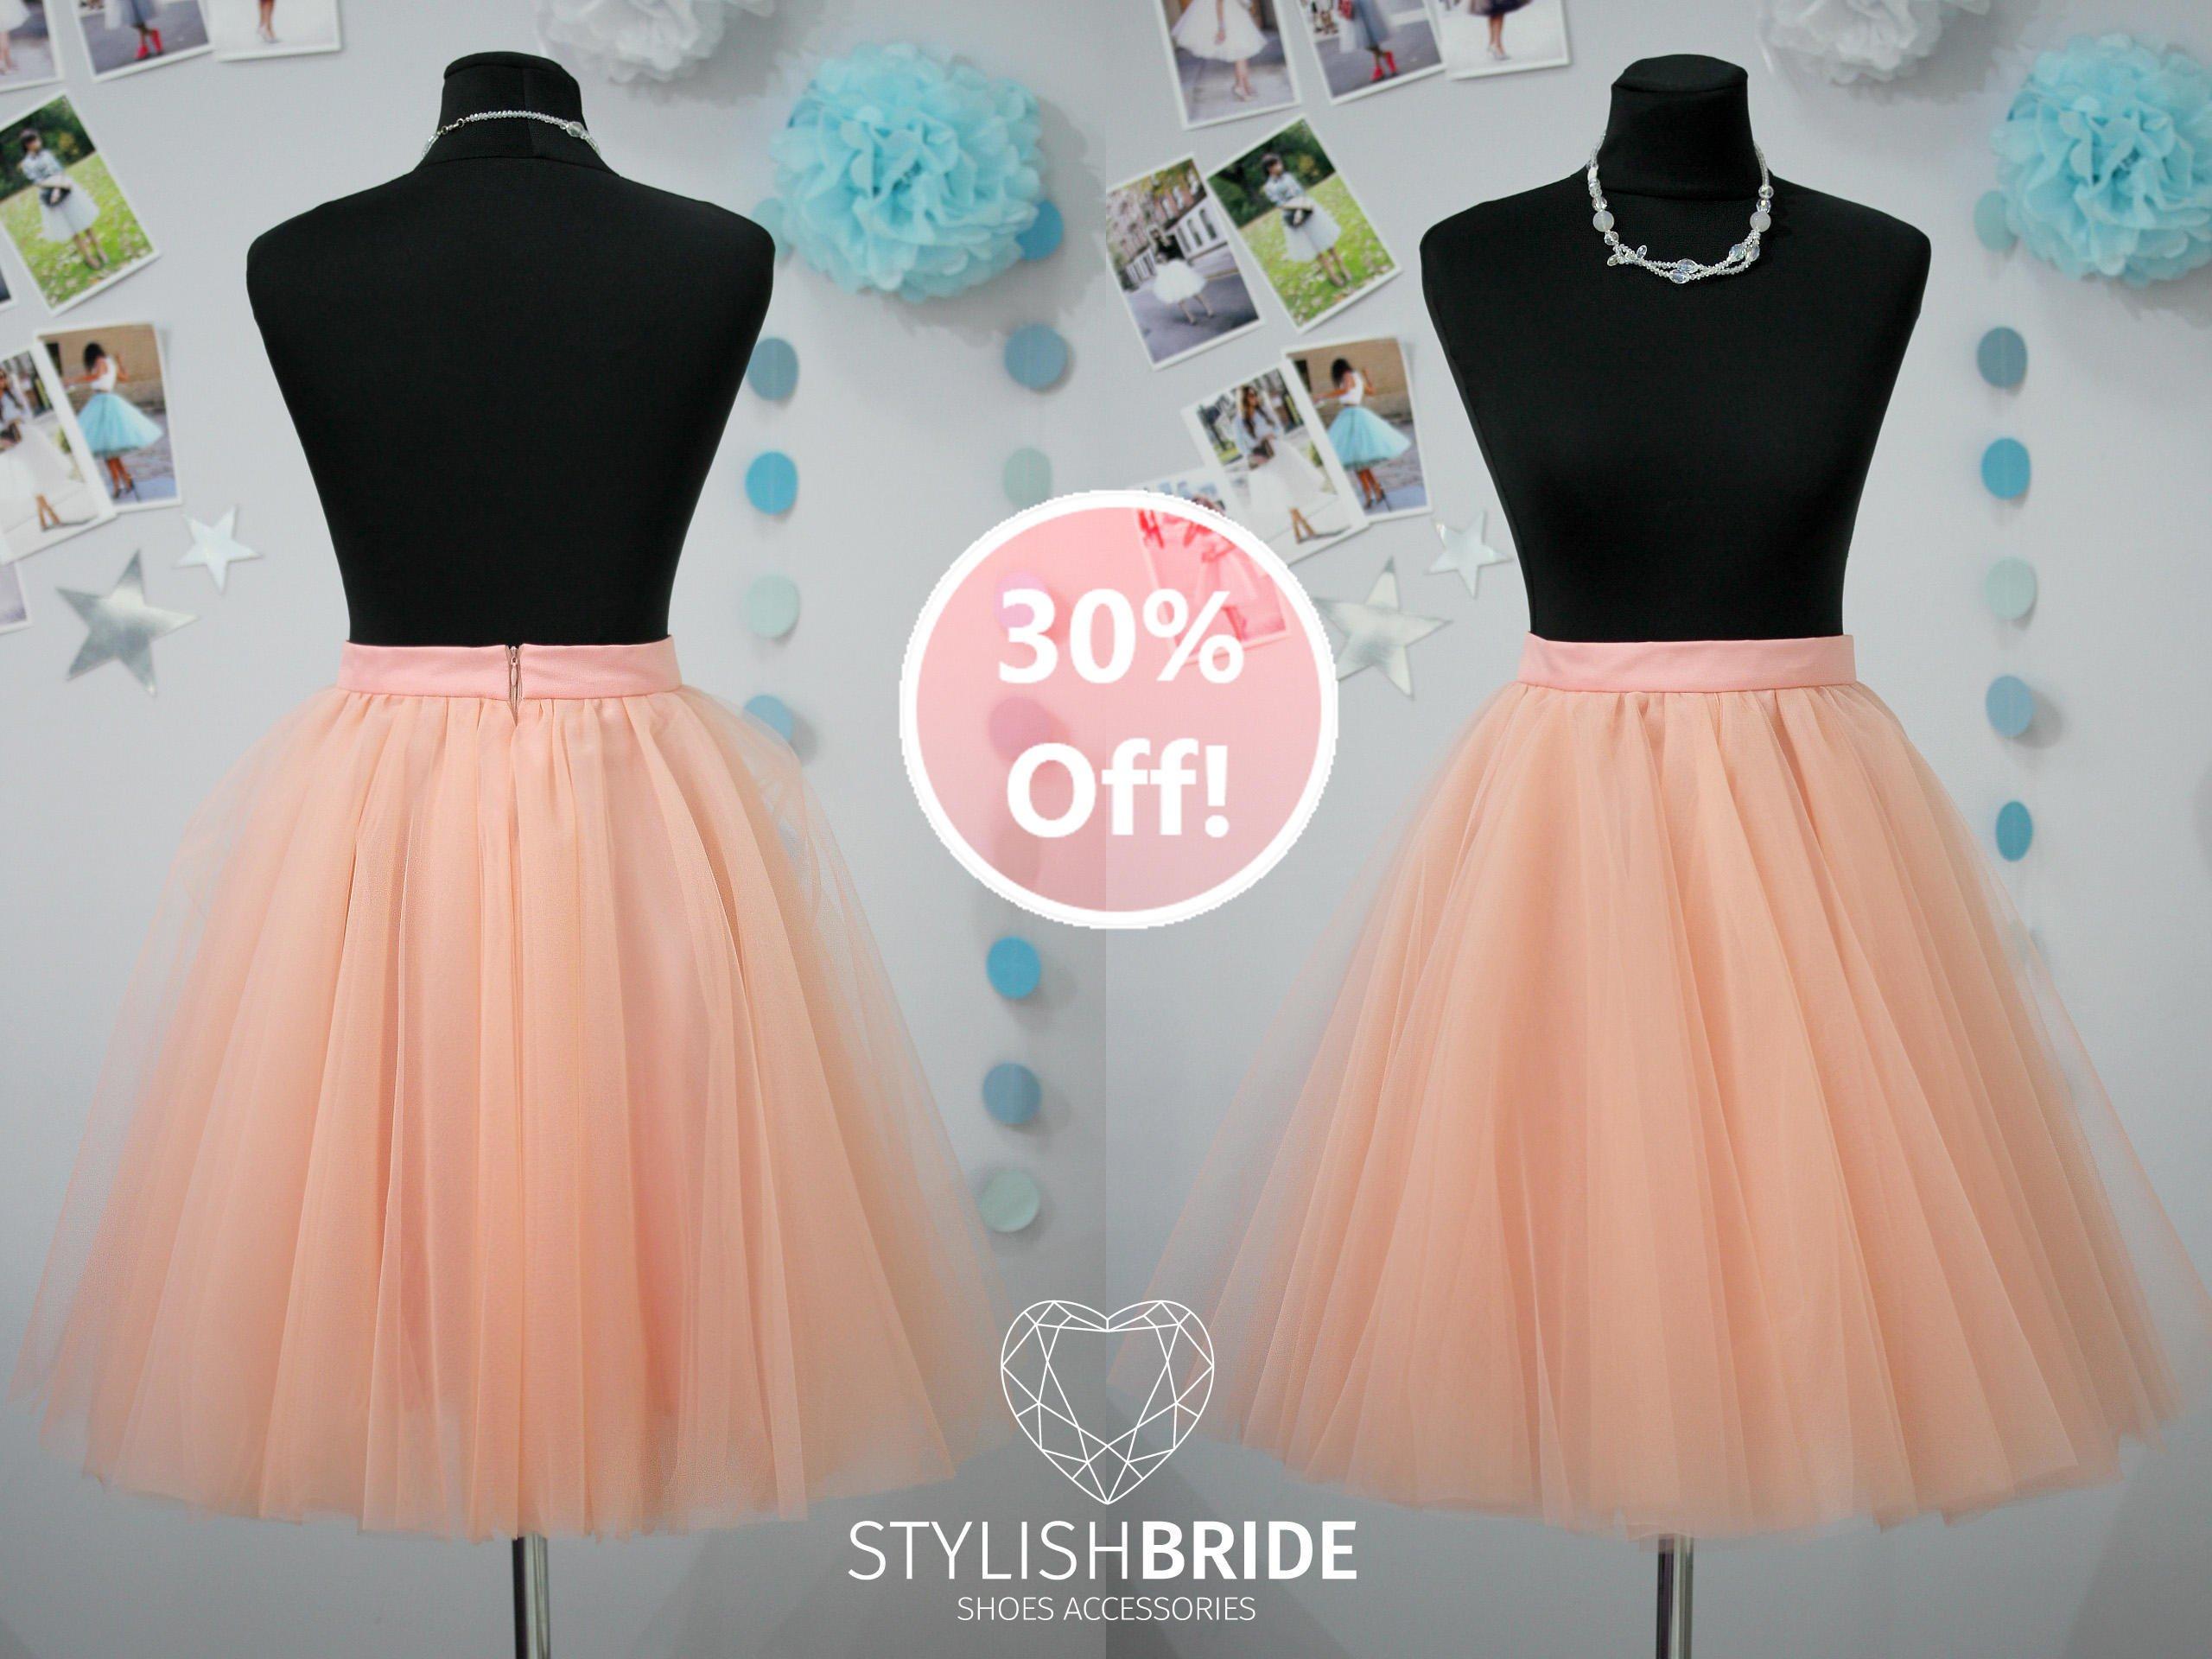 83 Sun Flared Super Lush Soft Peach Tulle Skirt for Women, Midi Tulle Skirt, Tulle Skirt Adult, Wedding Bridesmaid Skirt, Engagement Skirt